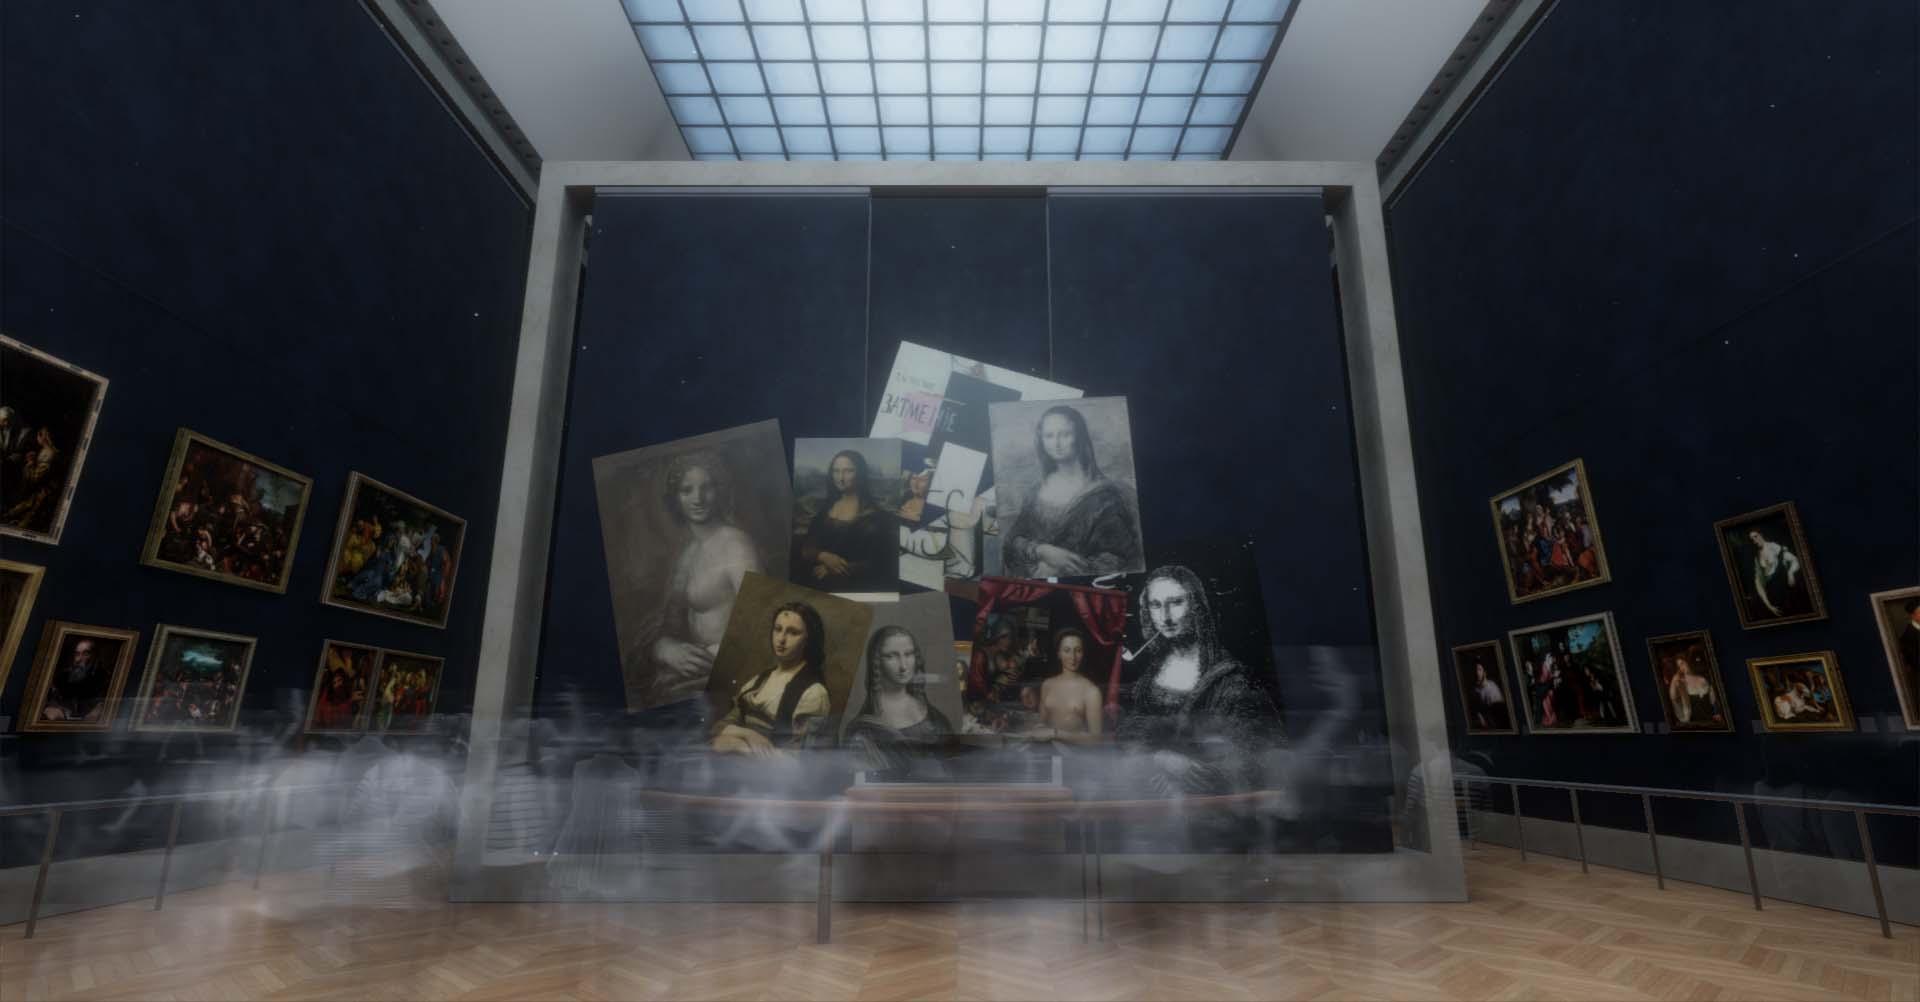 """Vue de l'installation en réalité virtuelle de """"La Joconde"""" au musée du Louvre © Emissive and HTC Vive Arts"""